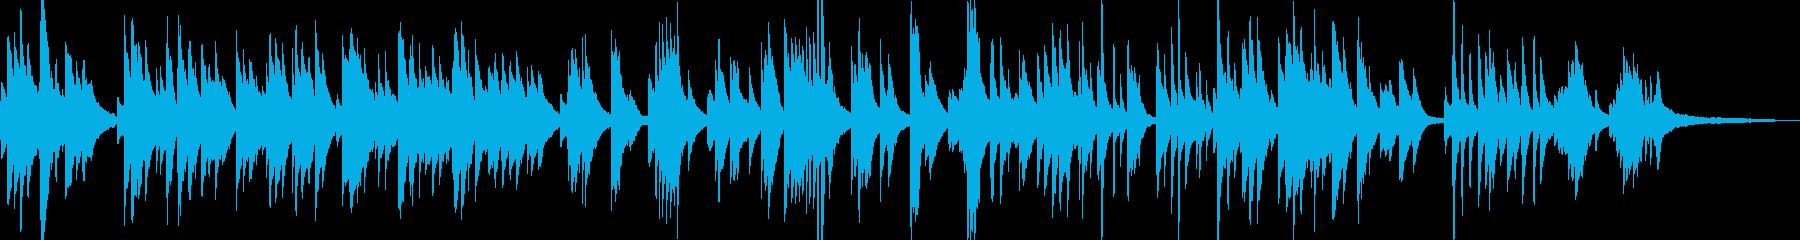 ジャズピアノの調べ、童謡「茶摘み」の再生済みの波形